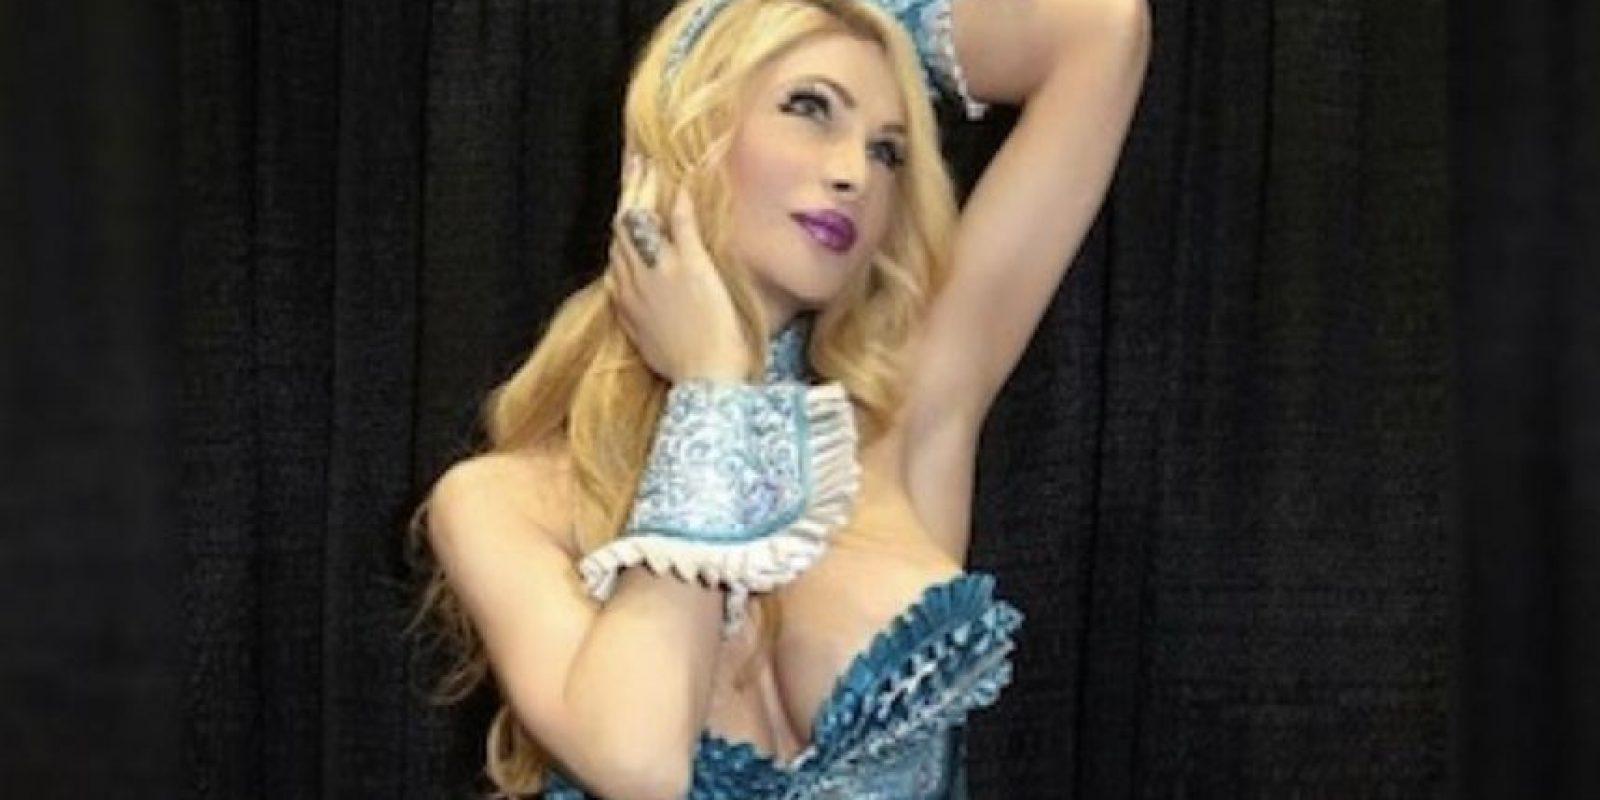 """La mujer ha gastado alrededor de 200 mil dólares en cirugías plásticas con la intención de parecerse a la esposa de """"Roger Rabbit"""". Foto:vía Instagram/cassandracas21"""